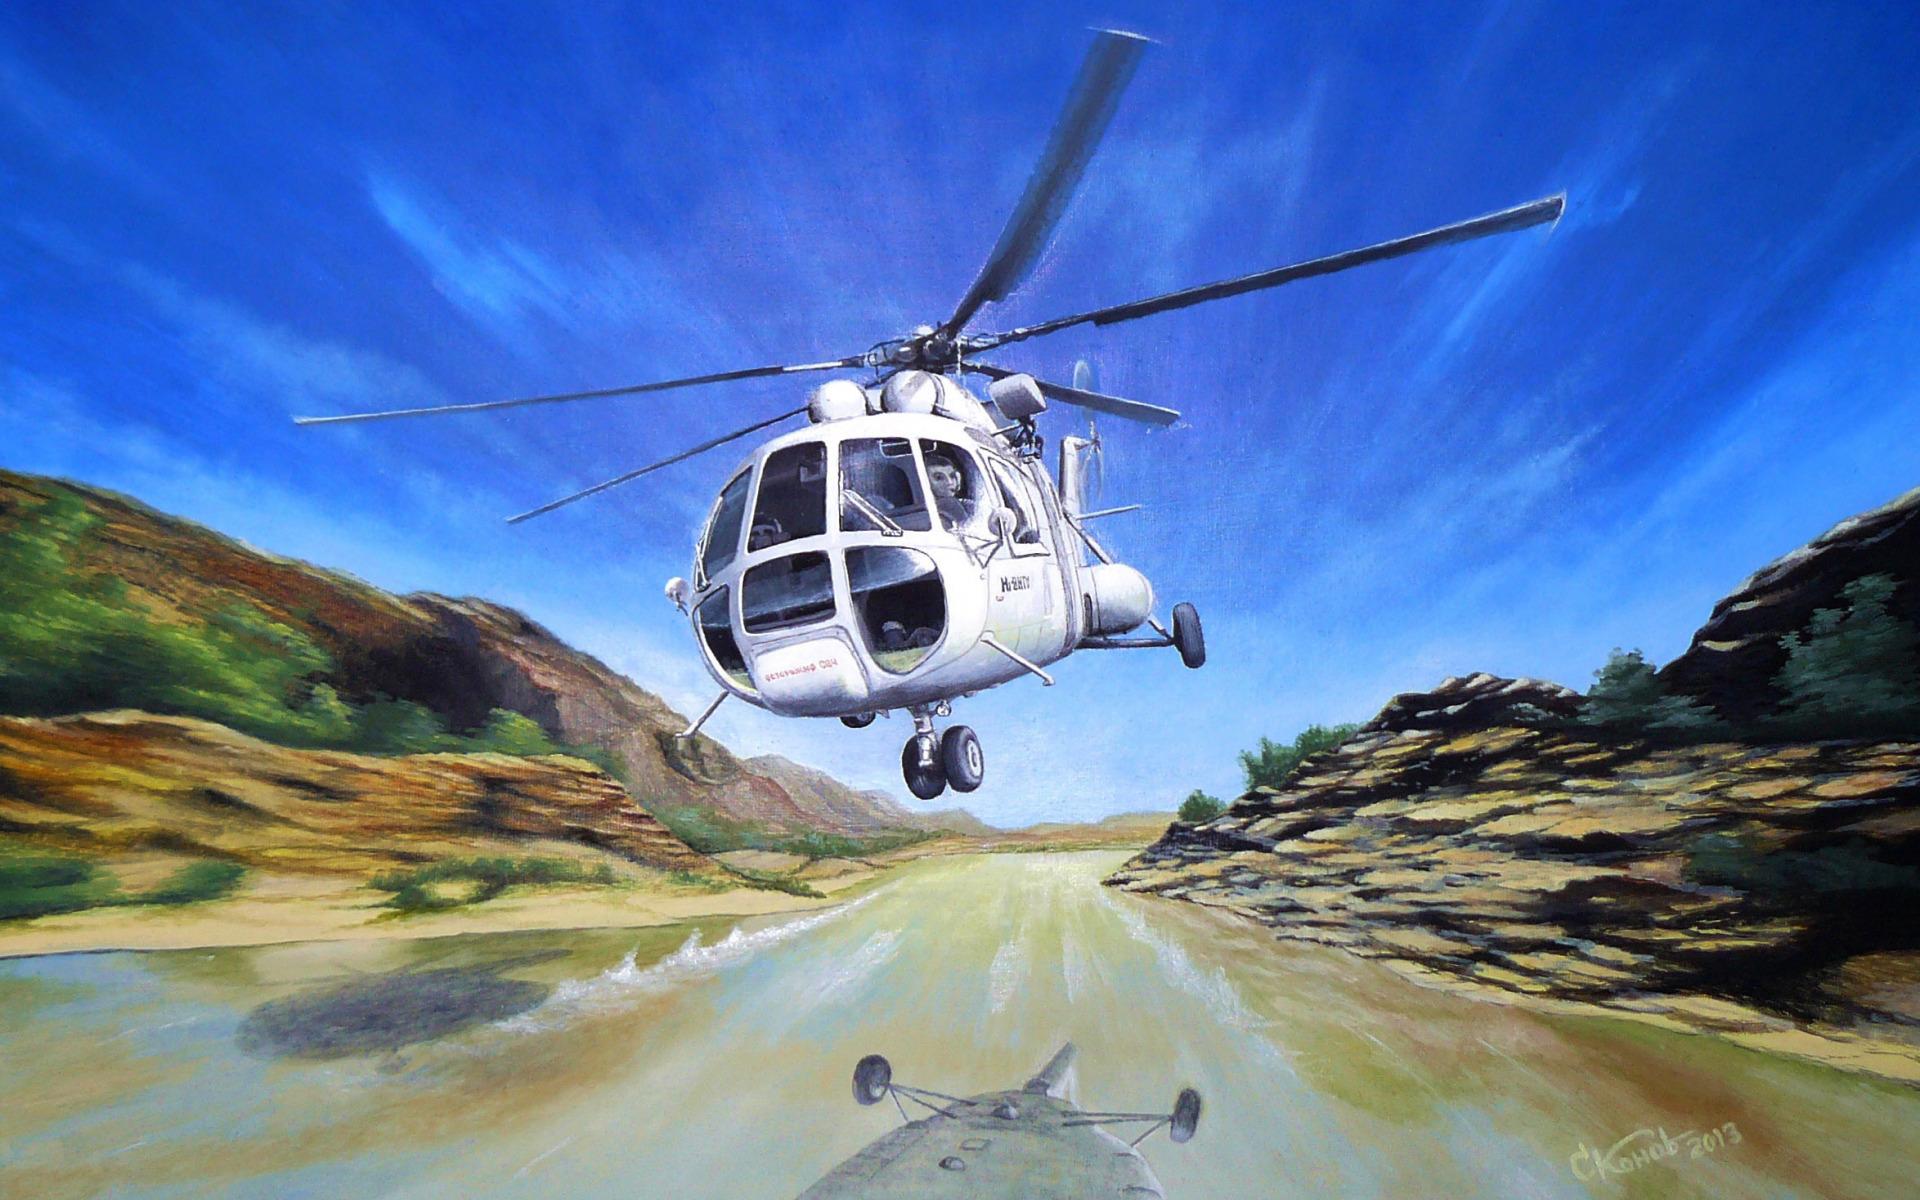 поздравления с днем авиации для вертолетчиков брама когда-то считались